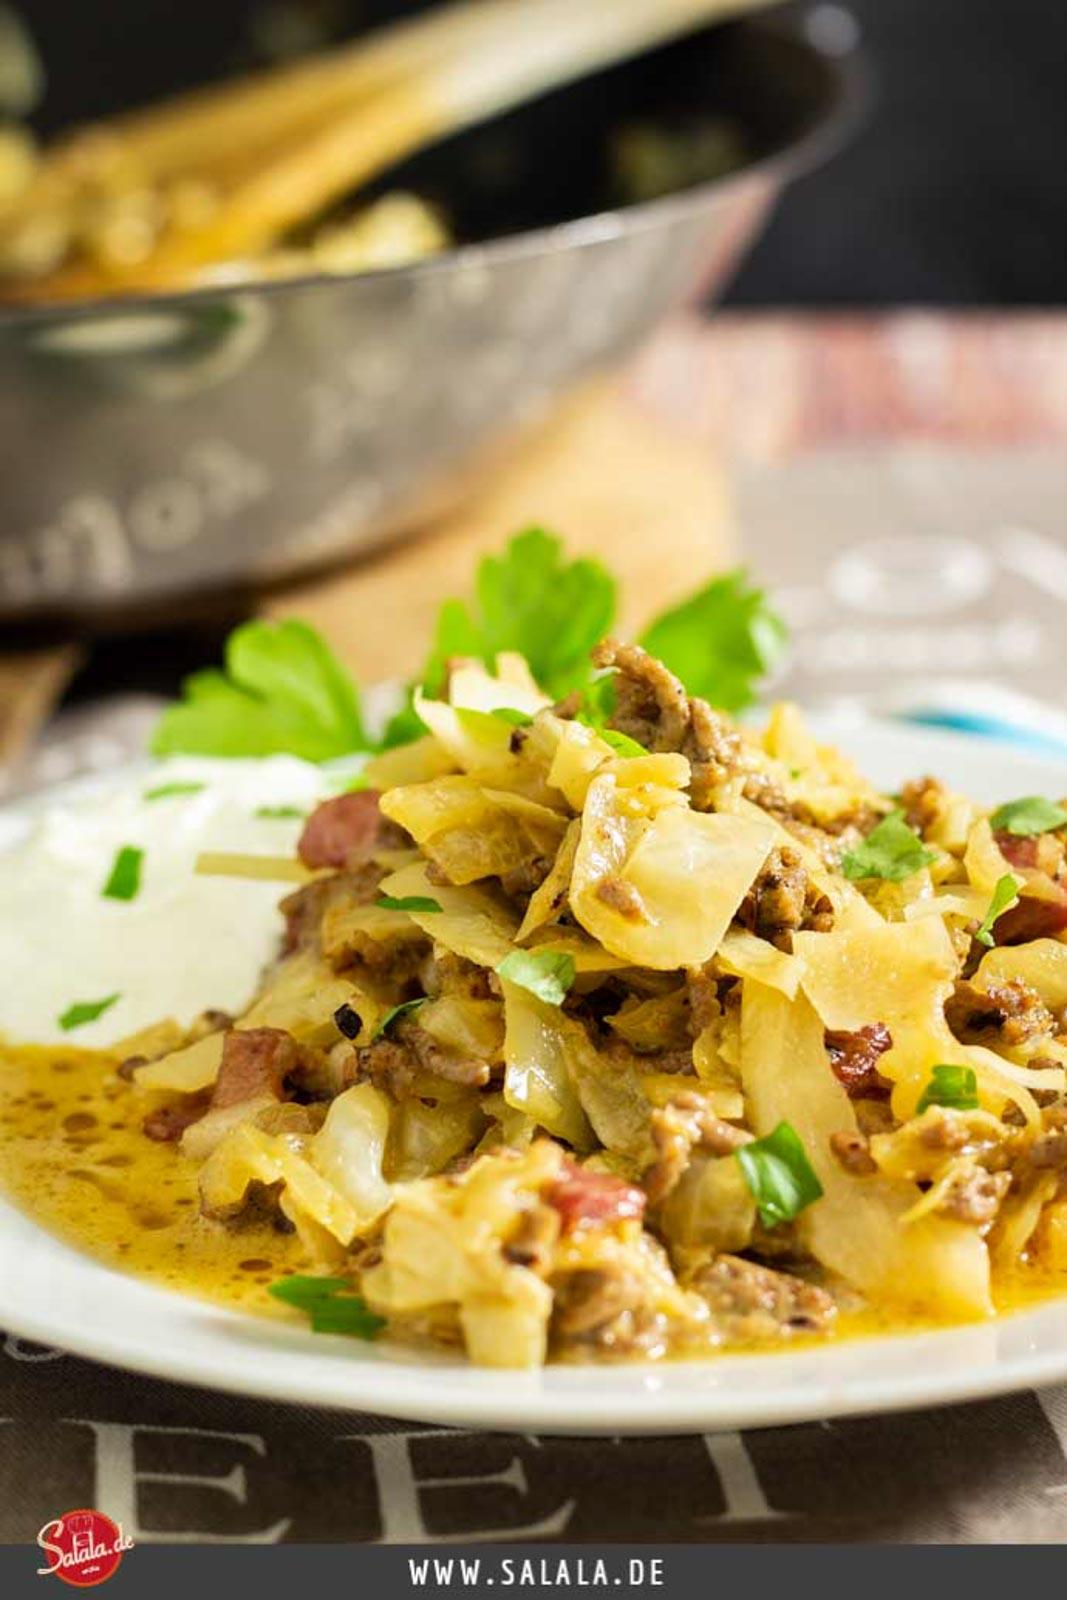 Hackfleischpfanne mit Weißkraut - by salala.de - schnell und einfach selber kochen I Low Carb Rezept mit Speck